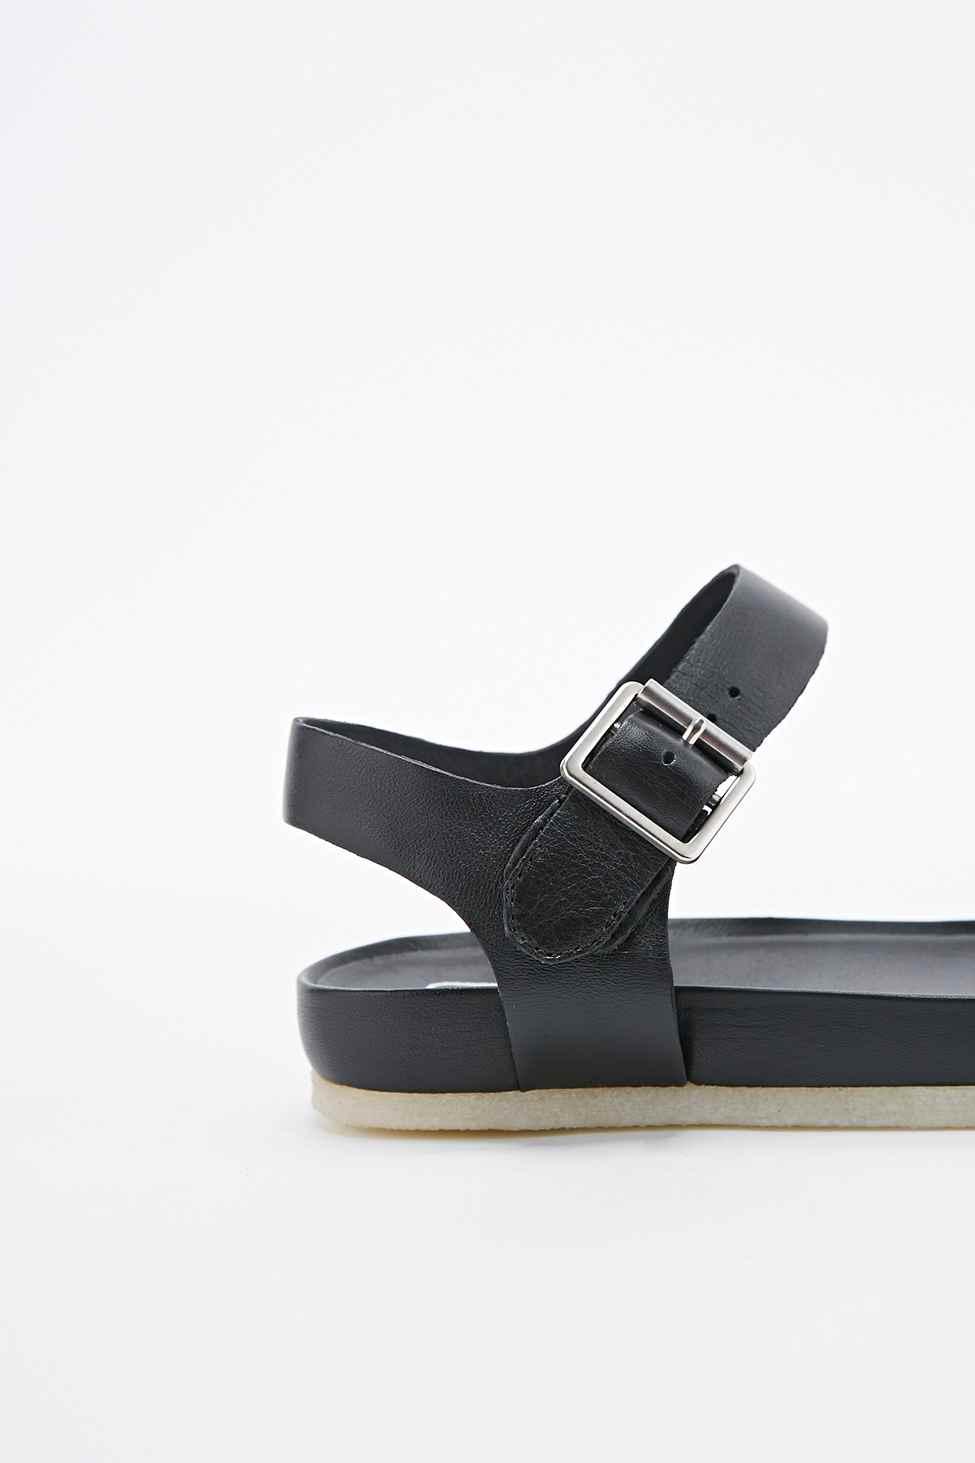 52e1e3903ca Clarks Dusty Soul Sandals In Black in Black - Lyst